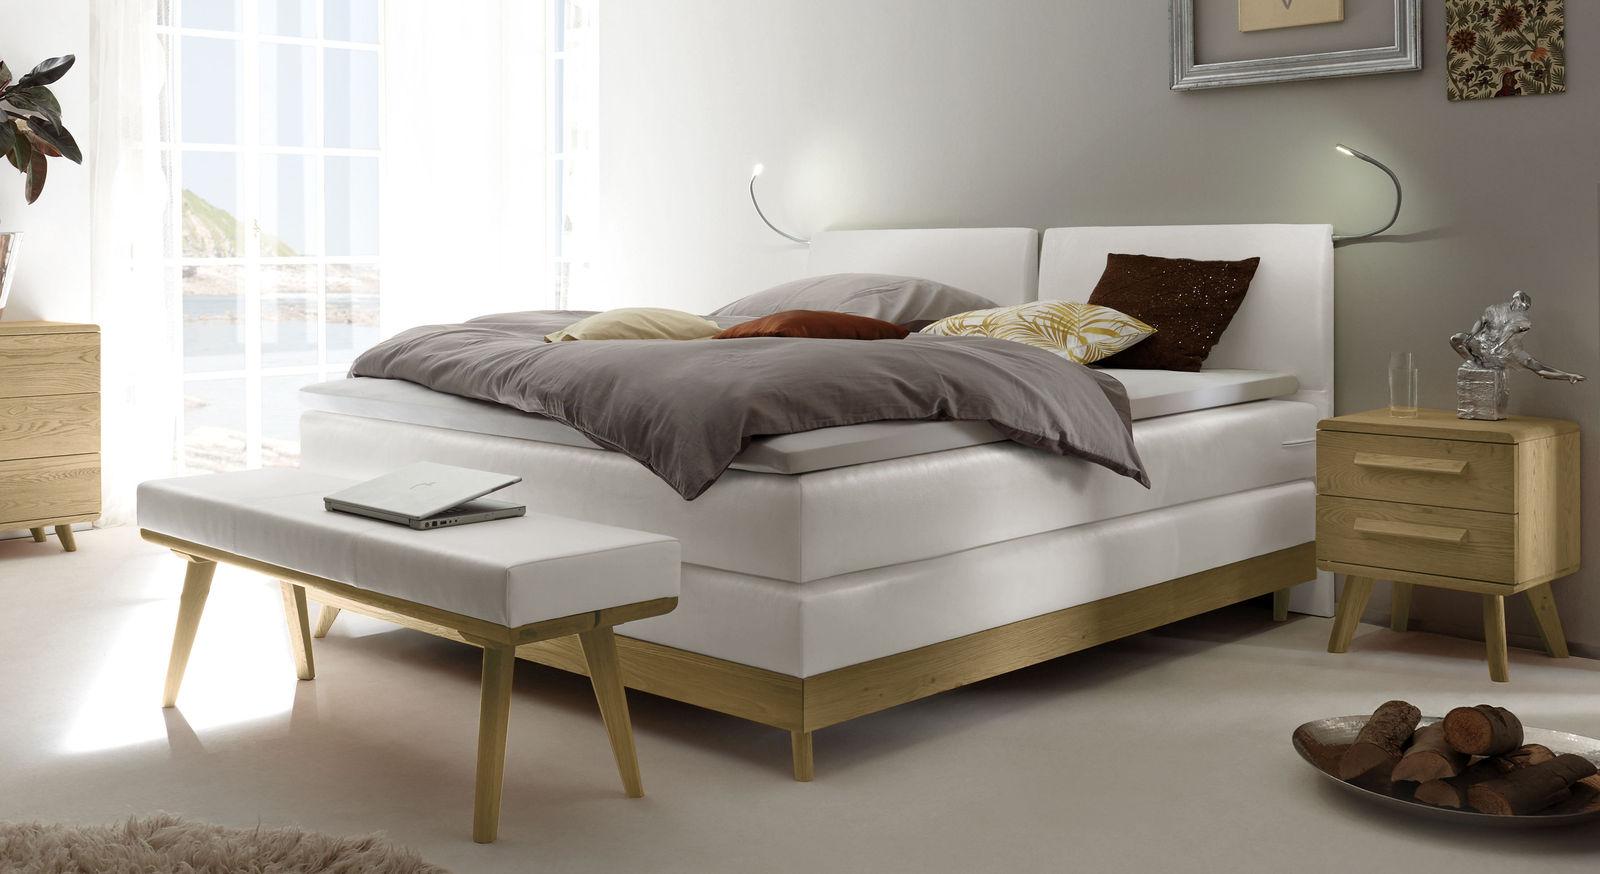 boxspringbett im mid century stil mit gew blten kopfteil. Black Bedroom Furniture Sets. Home Design Ideas